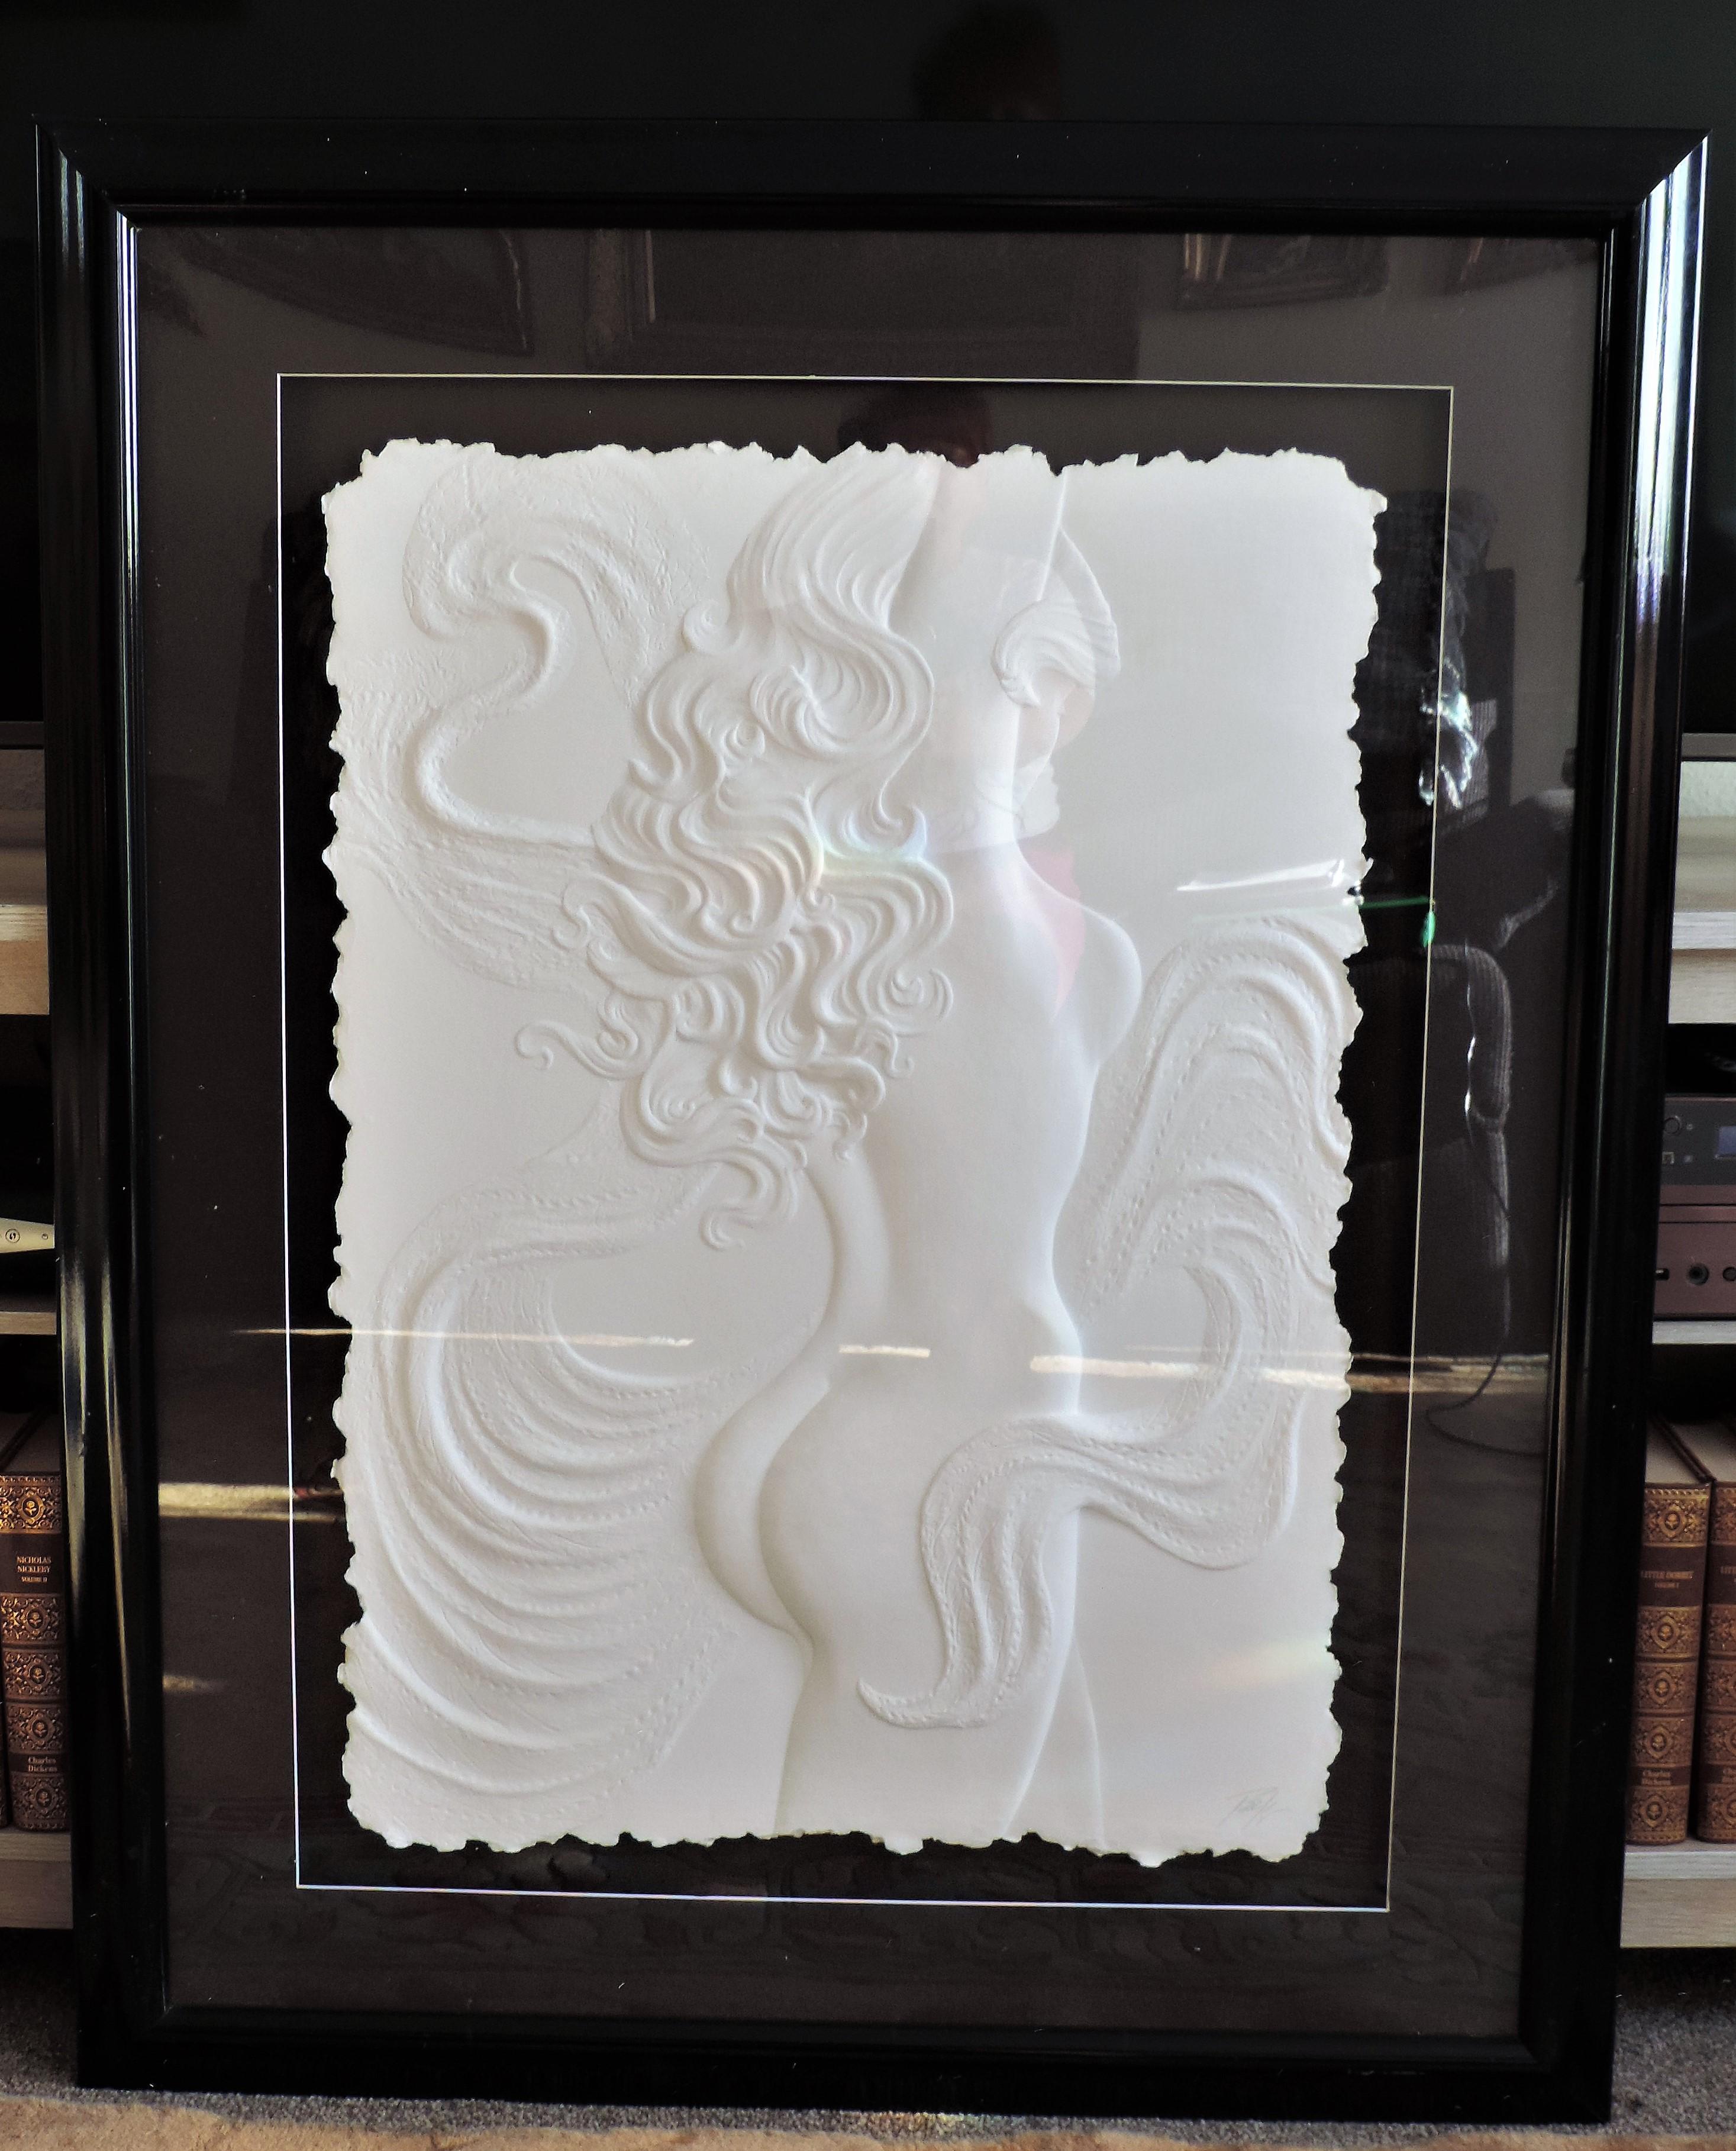 Roberta Peck 'Nude Dancer' Monotype Sculpture on Paper - Image 3 of 12